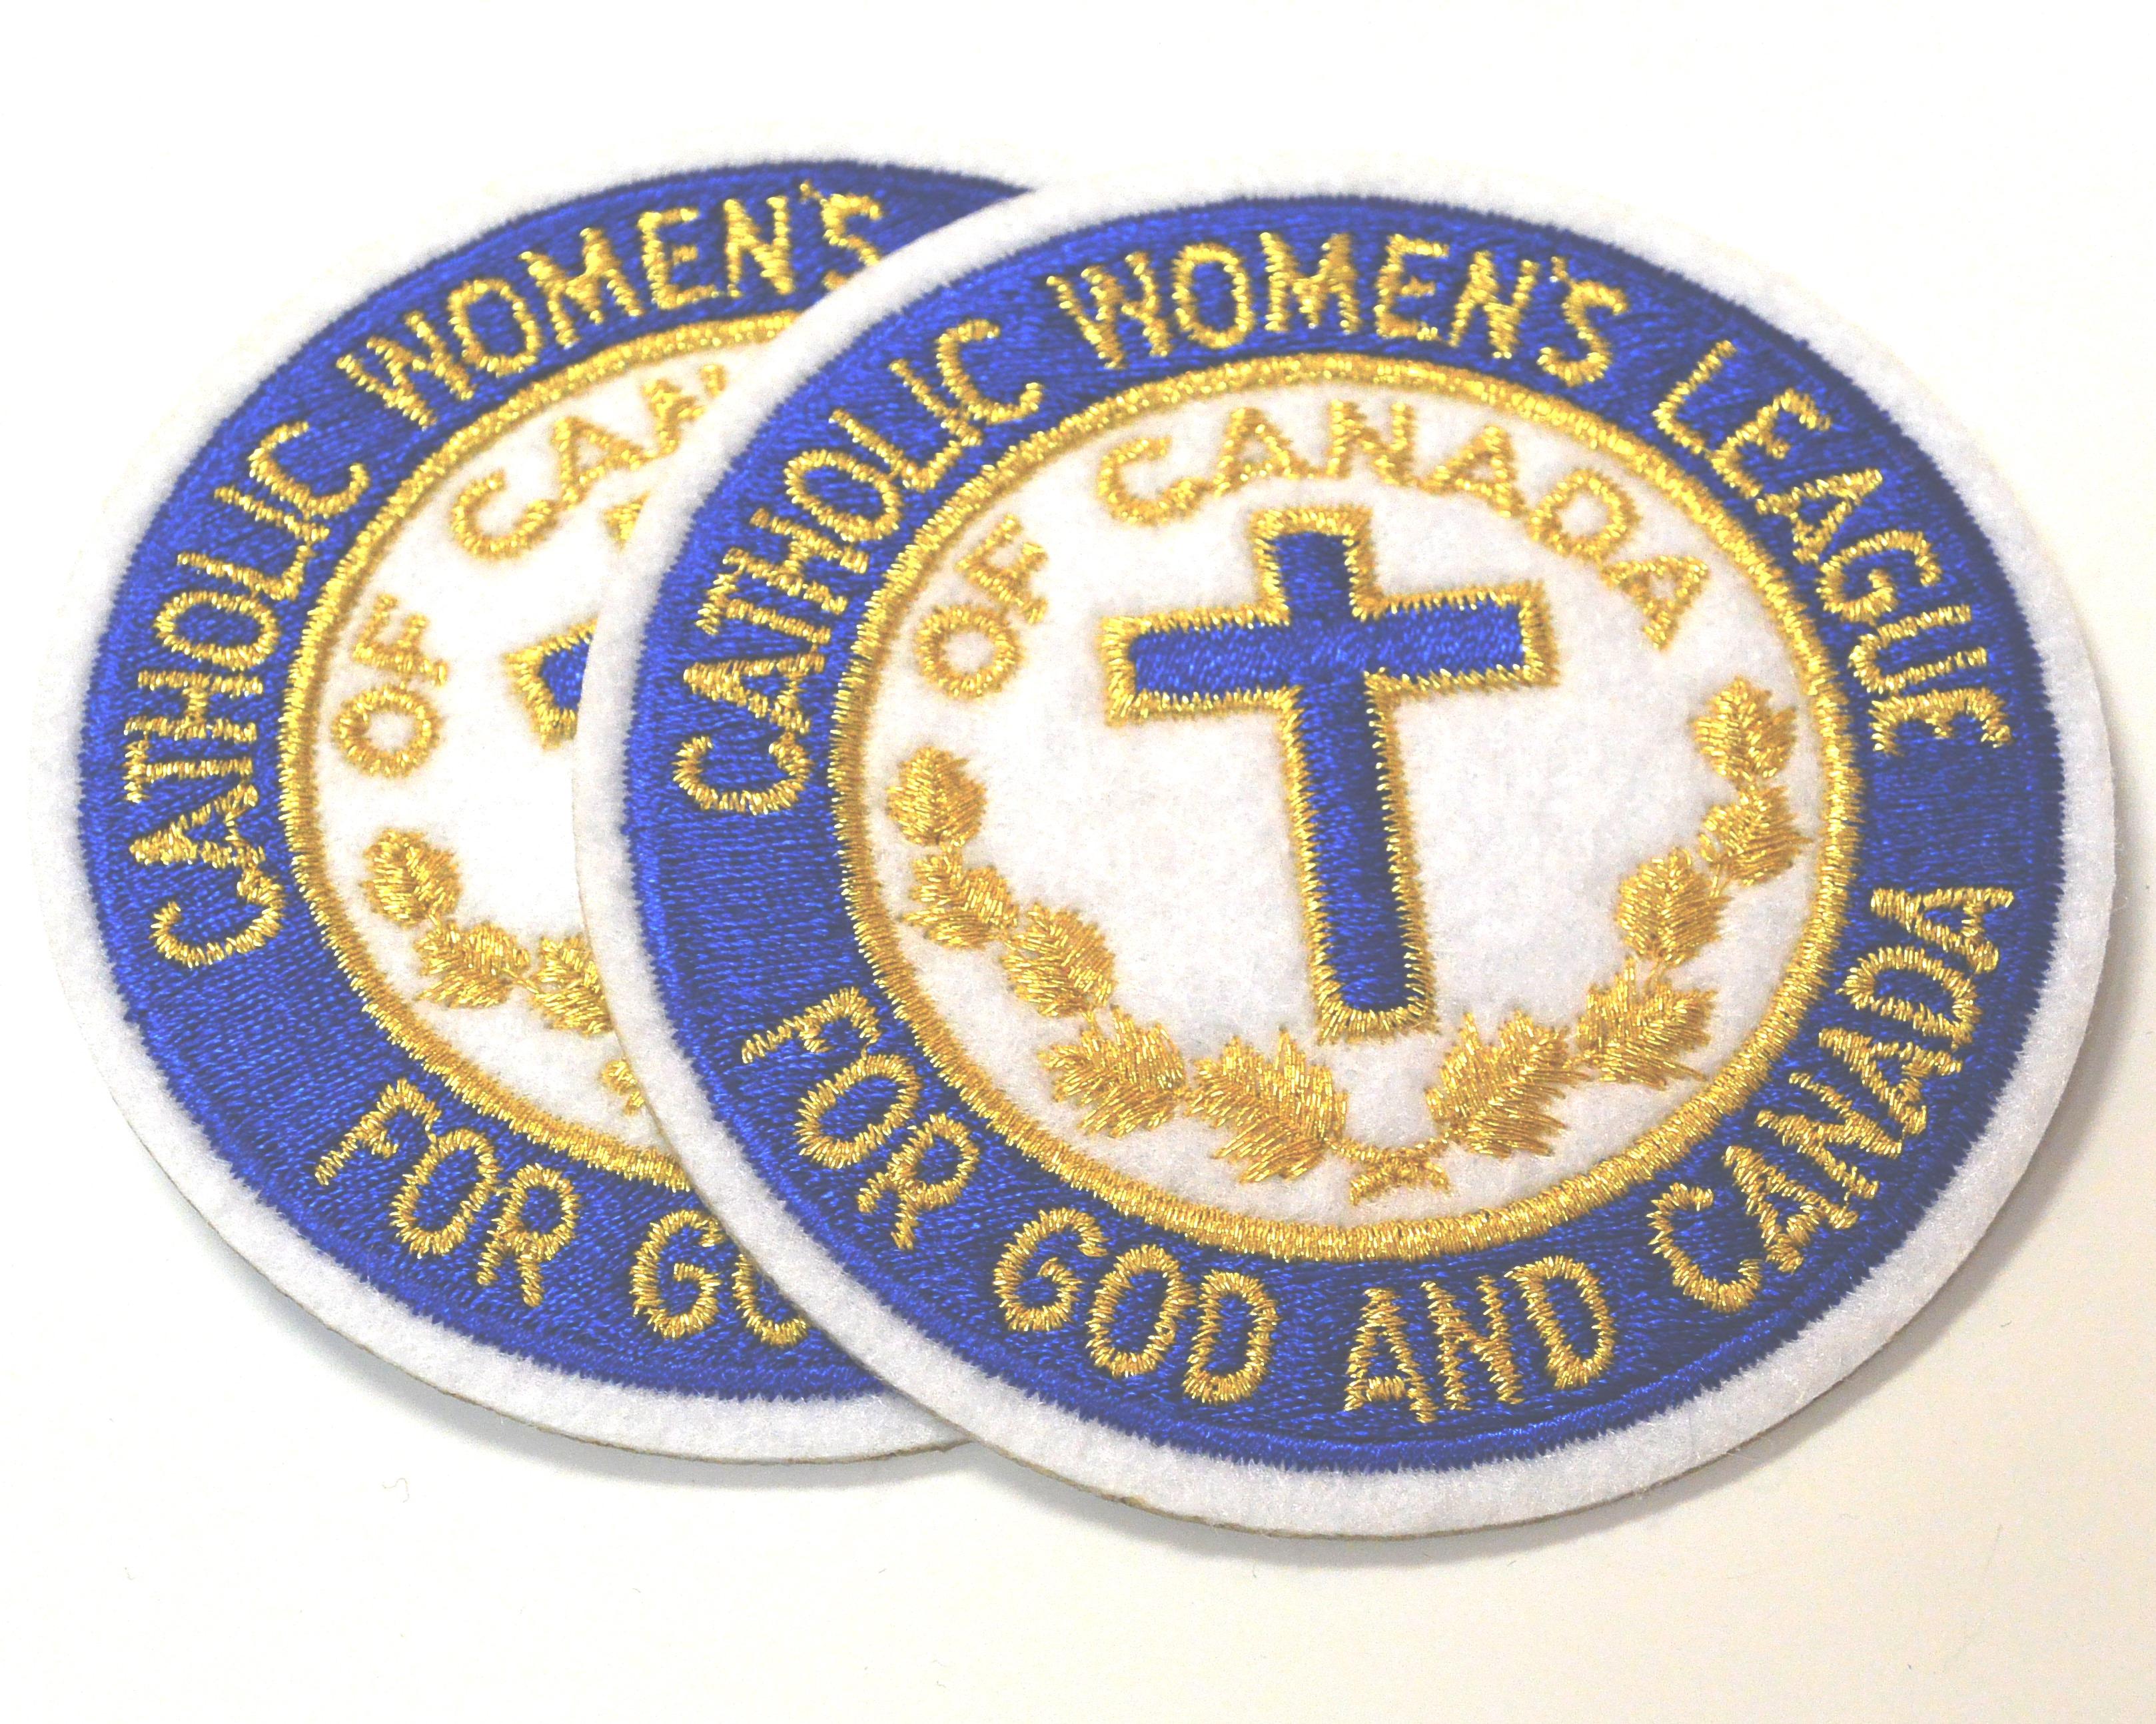 Image of felt Catholic Women's League Crest